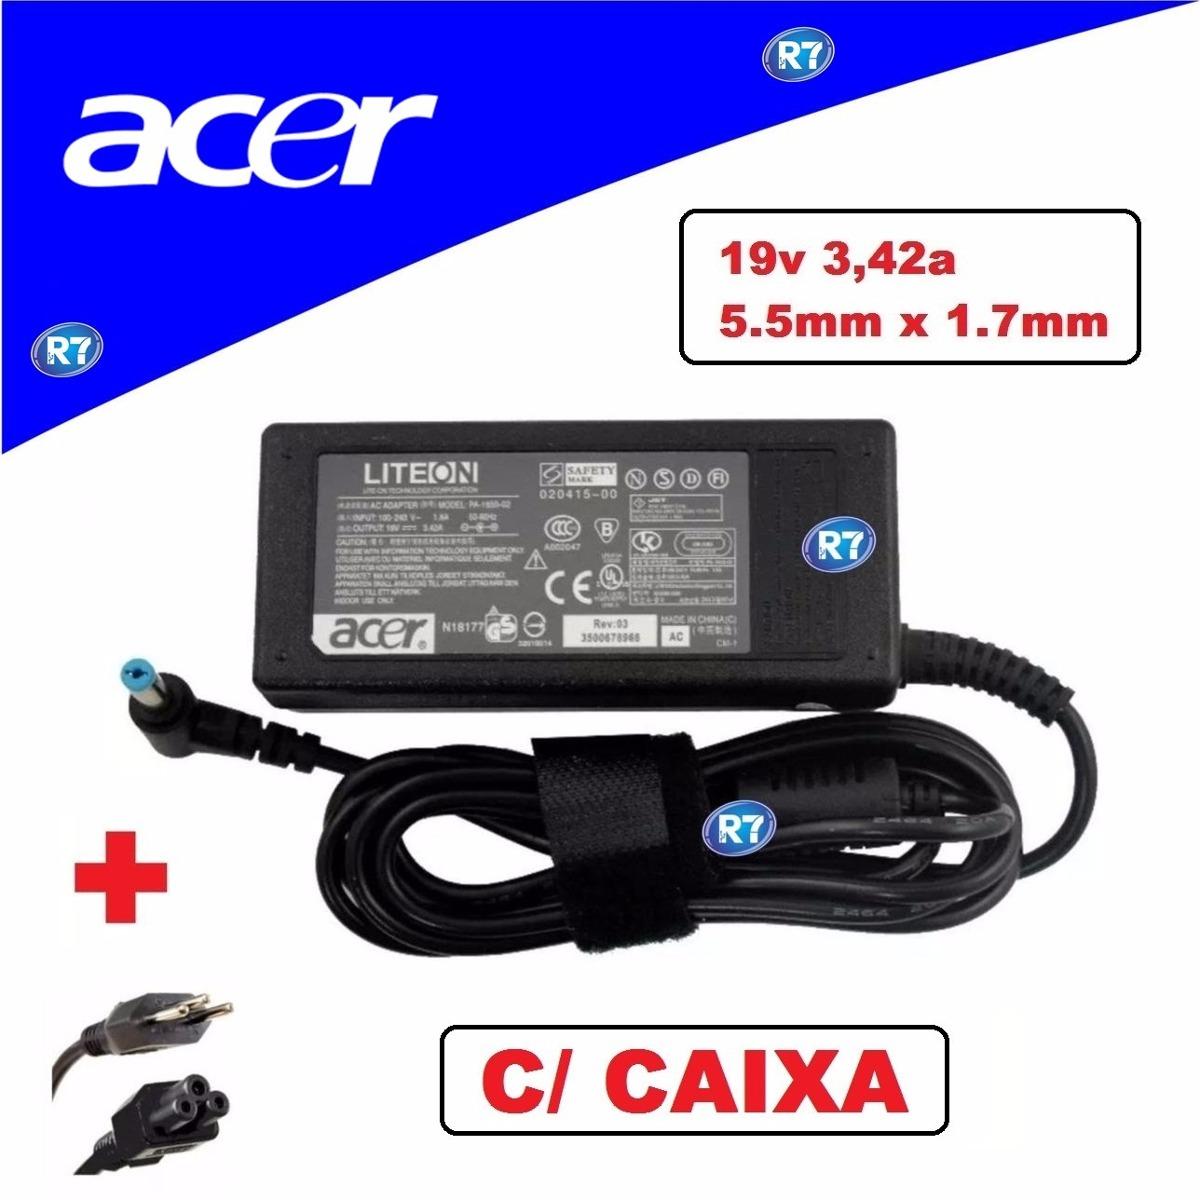 Adaptor Charger Laptop Acer Aspire E1 421 431 431g 471 Baterai 421g 471g 521 531 V3 Oem Fonte Carregador Original Carregando